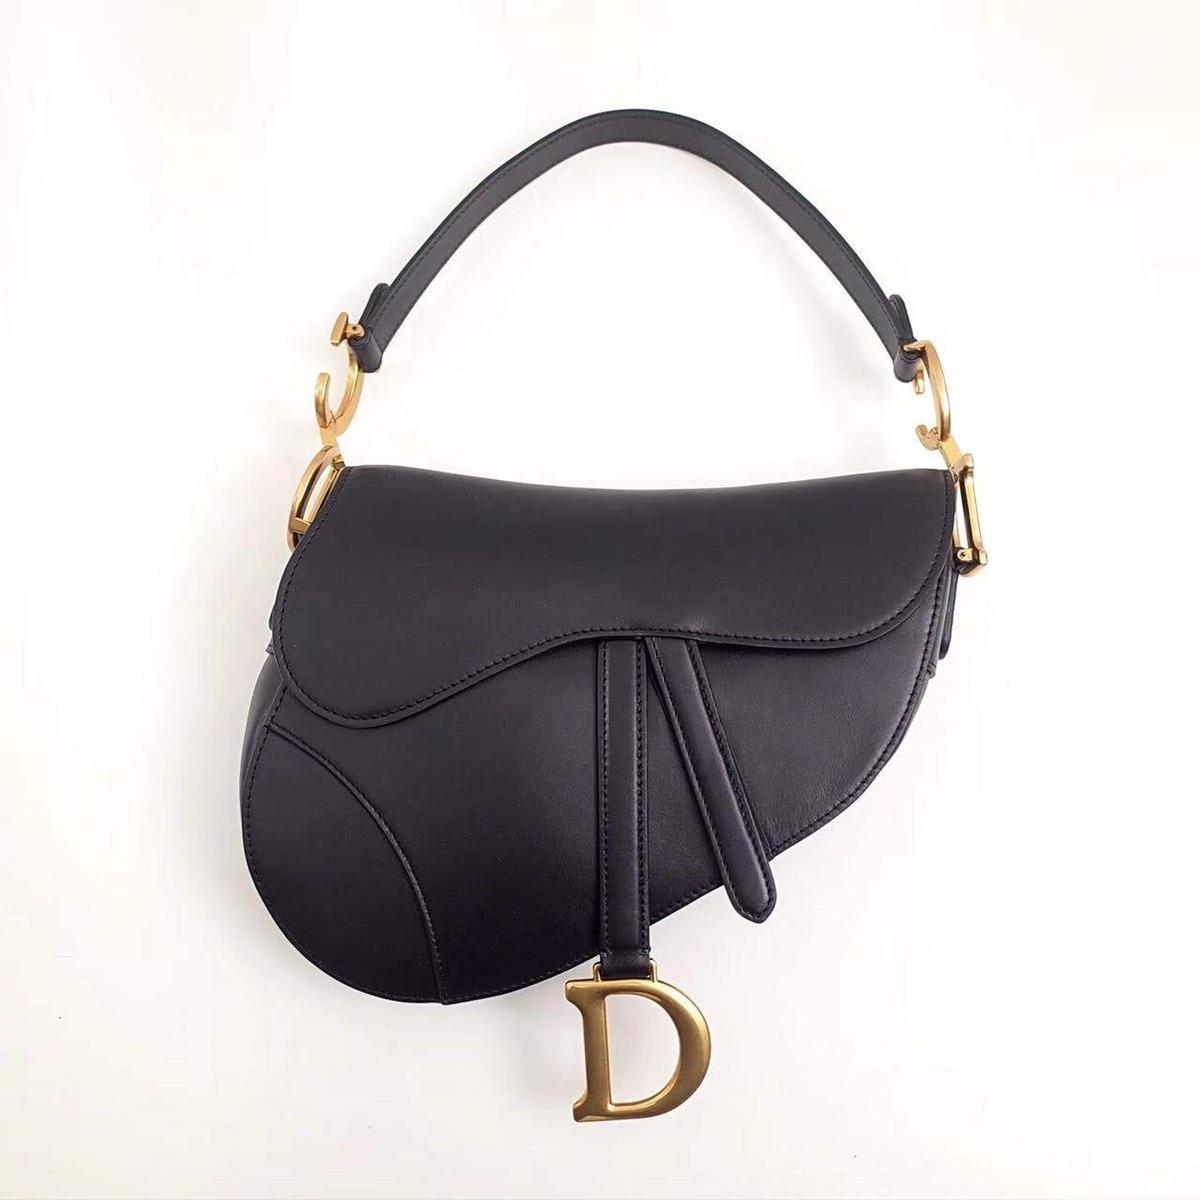 7a35929bf Bolsa Christian Dior Saddle Pronta Entrega Nova - R$ 2.100,00 em ...